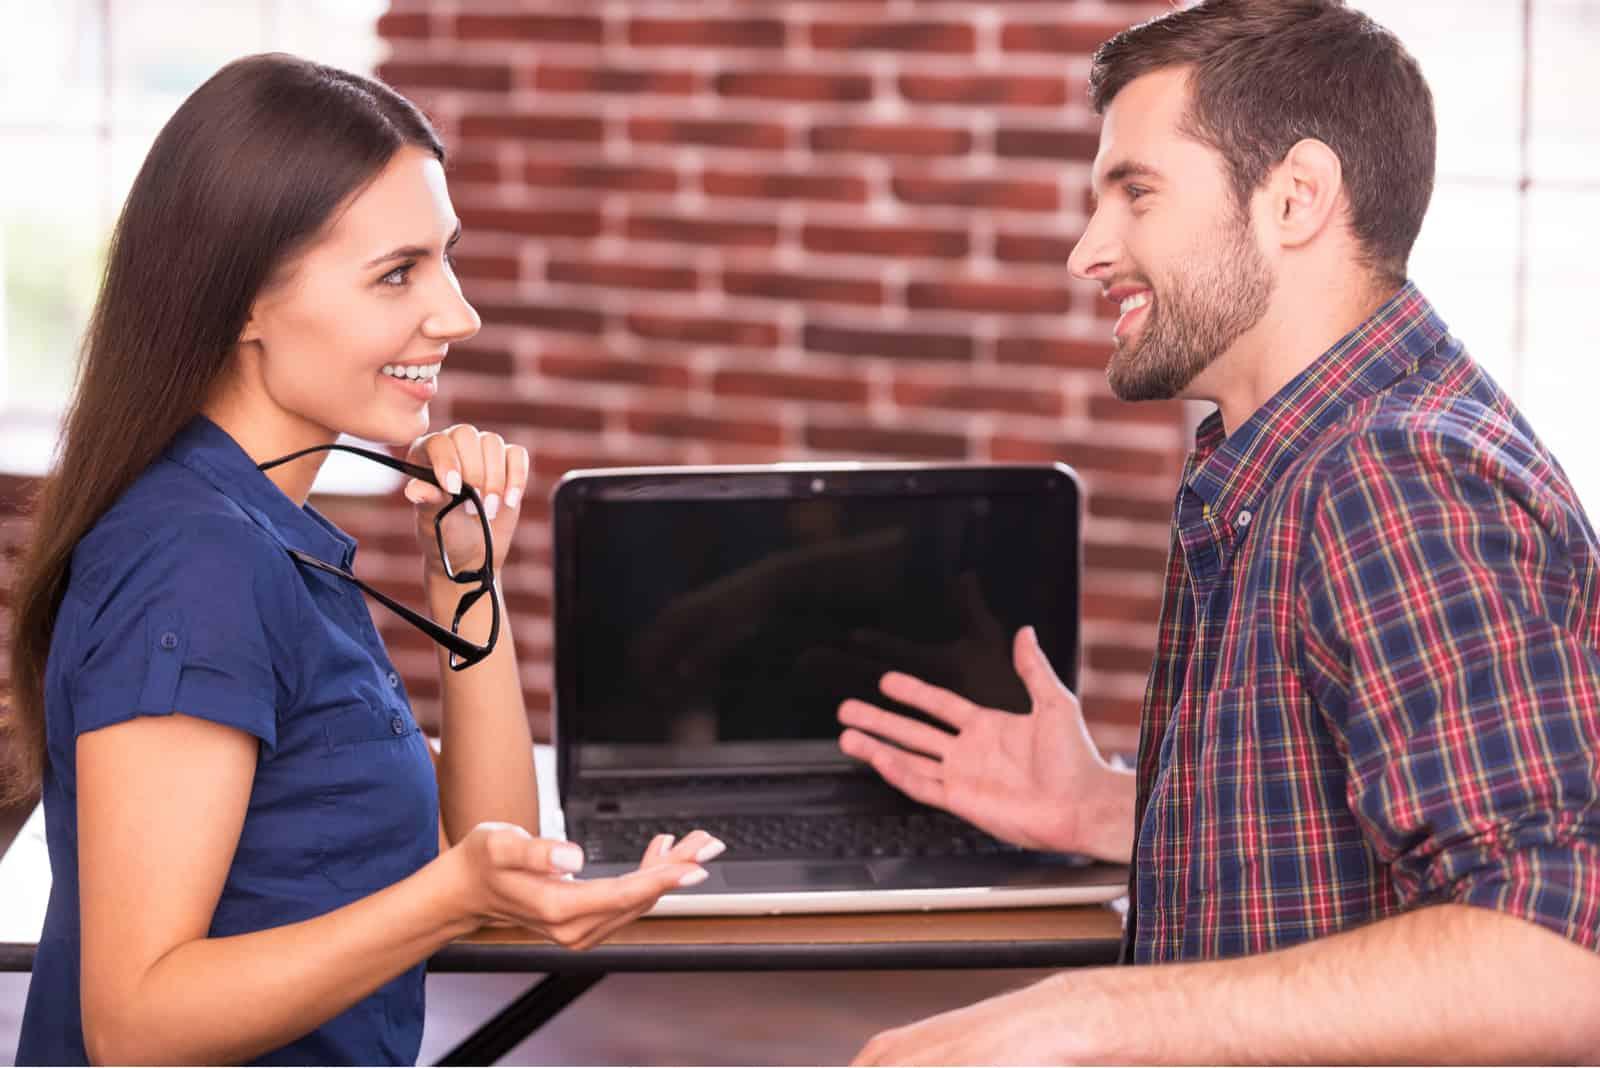 un homme et une femme sont assis à une table et parlent